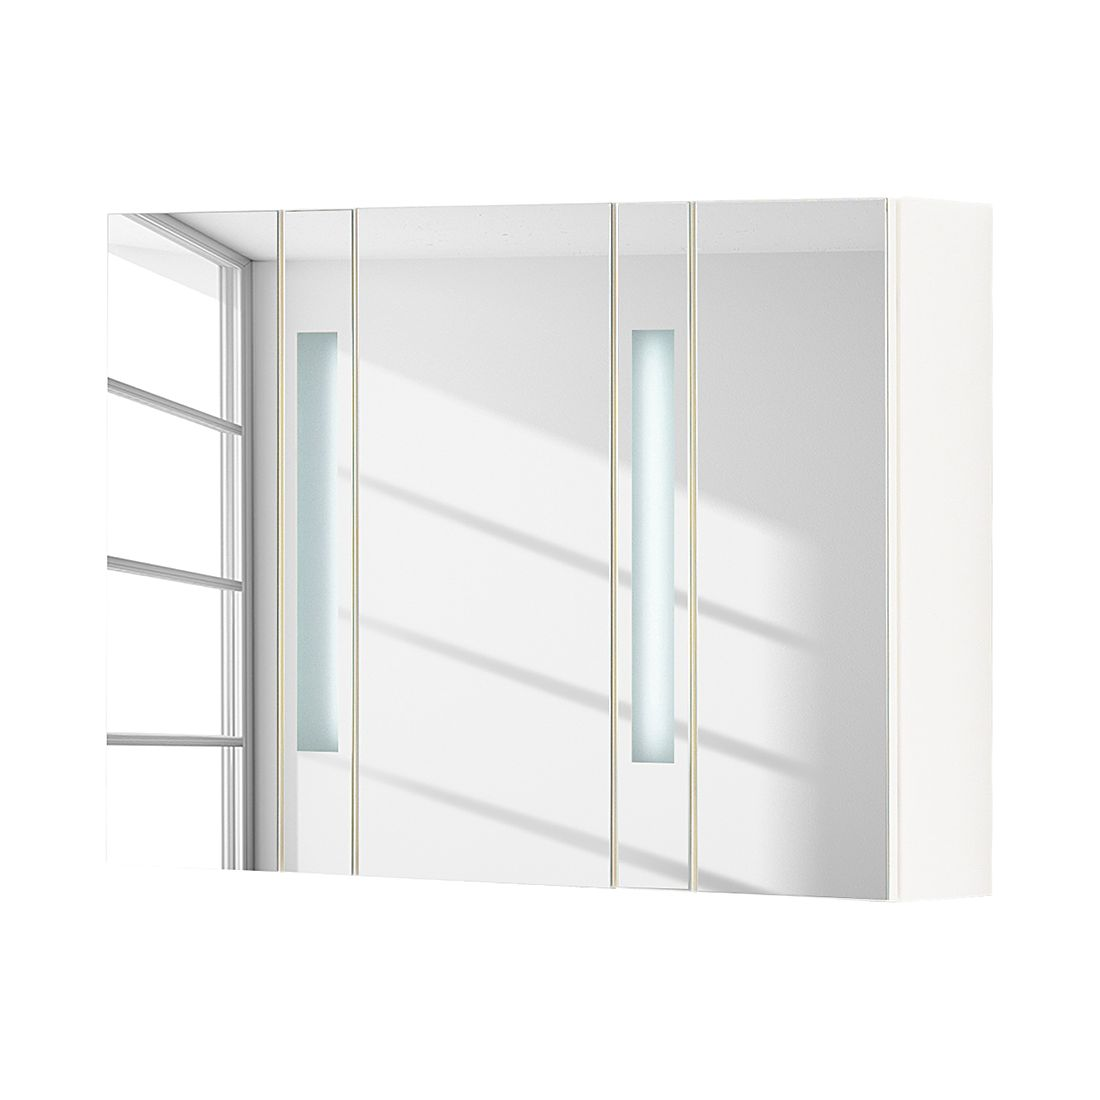 Spiegelschrank Arte 7 - Weiß, Fackelmann